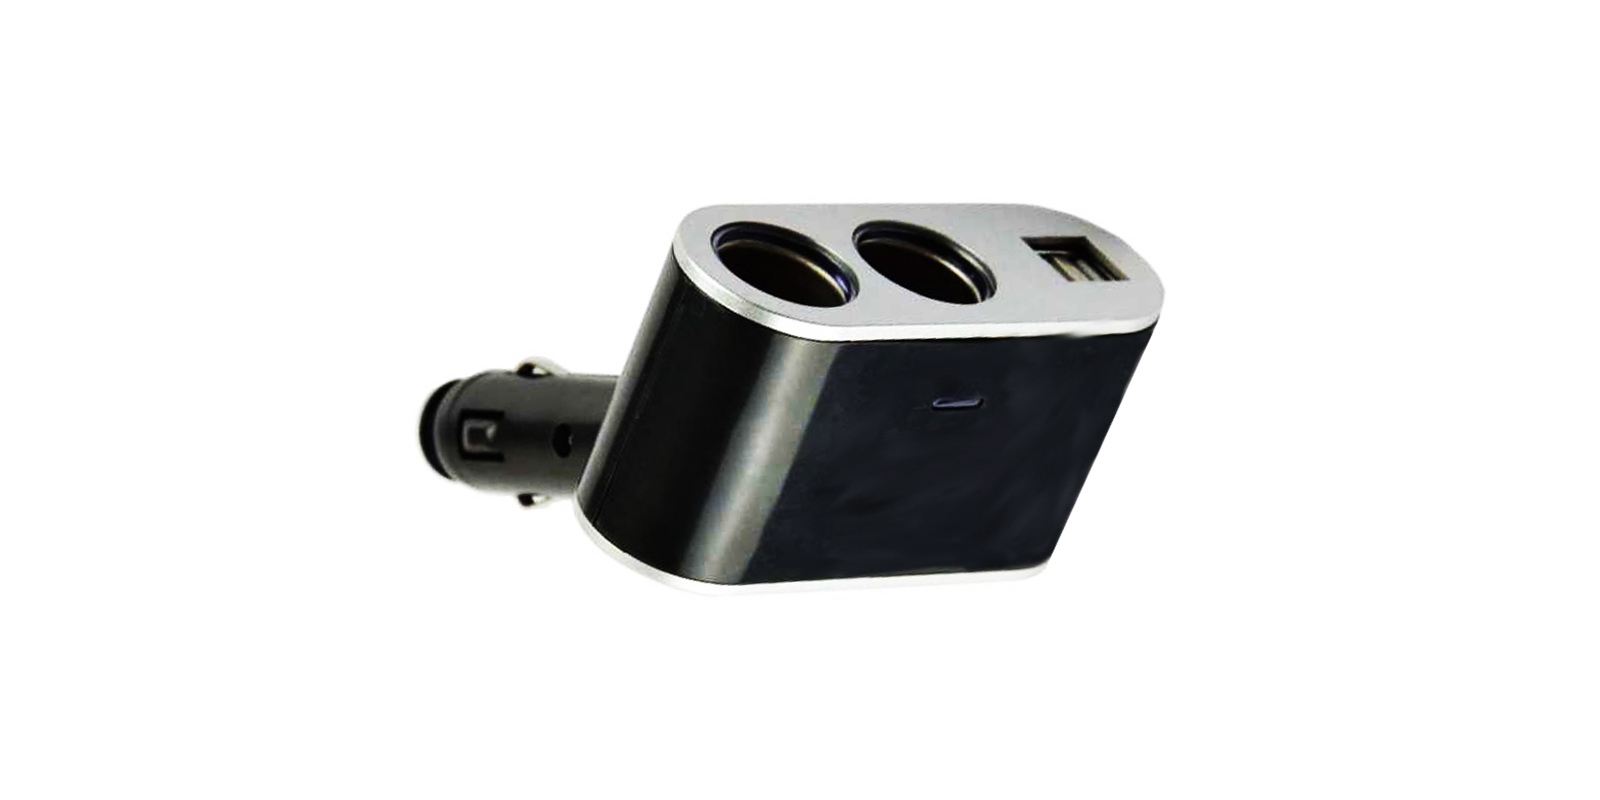 FRIZIONE Accendisigari per Auto Spina 12-24v MAX 2,5a mm